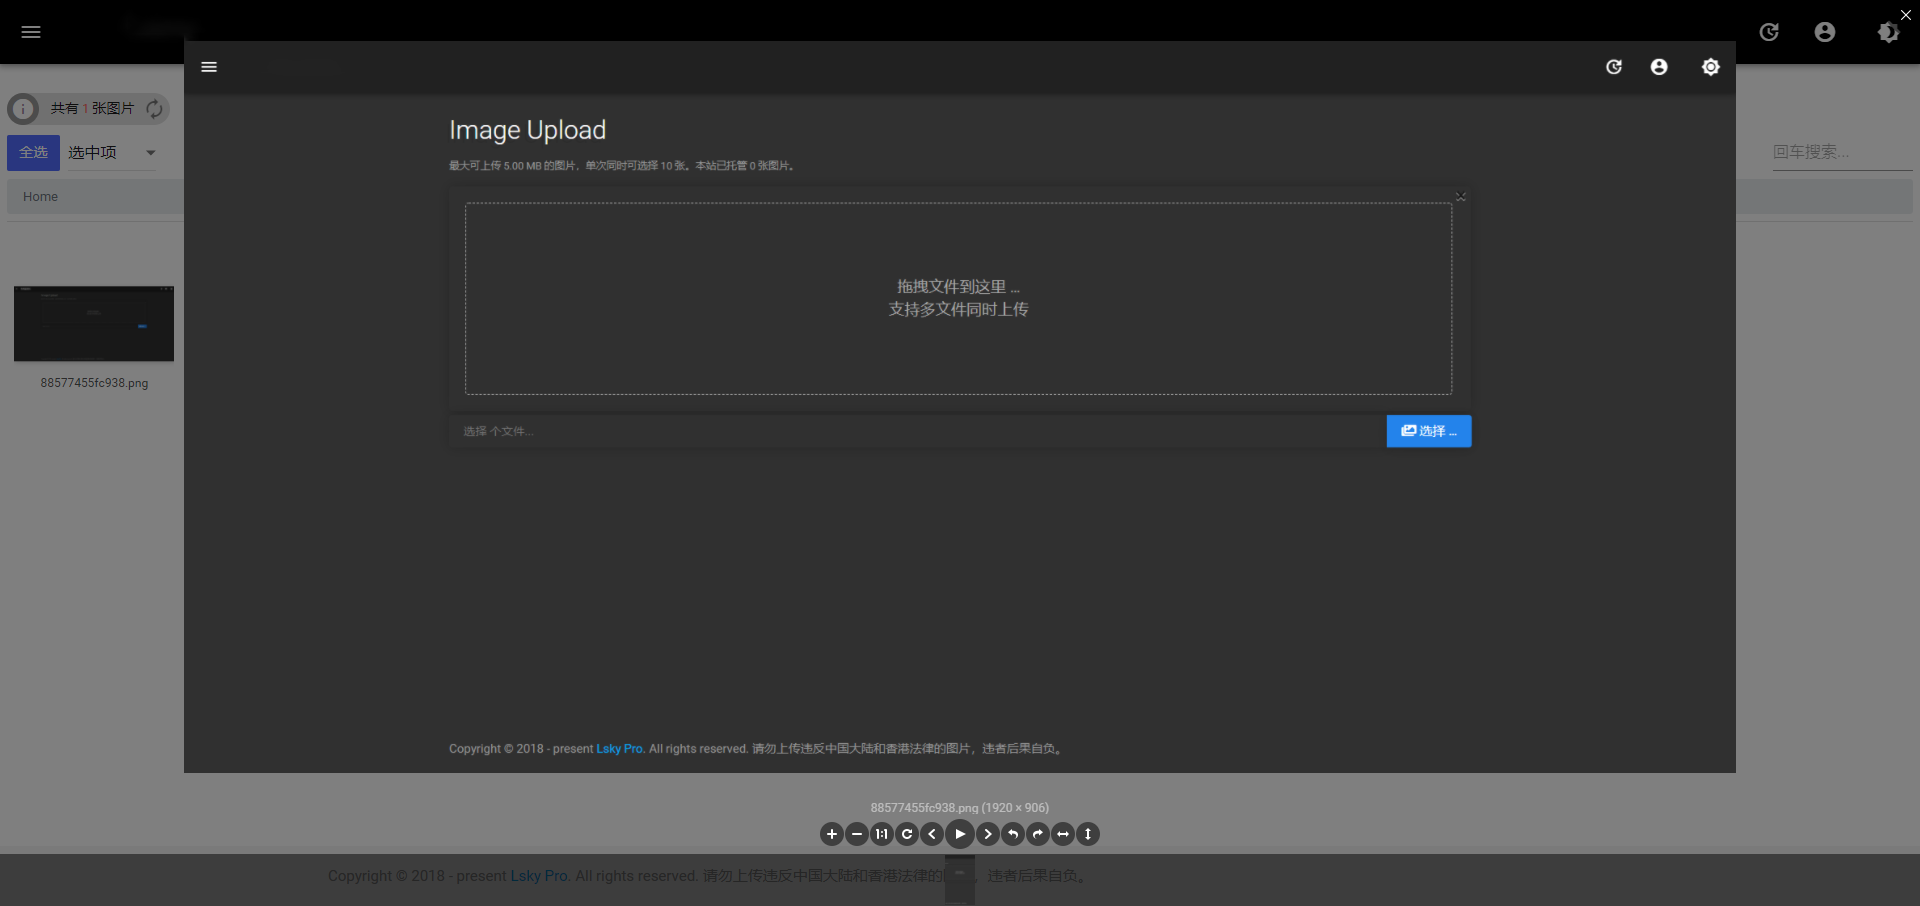 开源 免费丨Lsky Pro 兰空图床 PHP+mysql 开发的图床系统源码免费下载